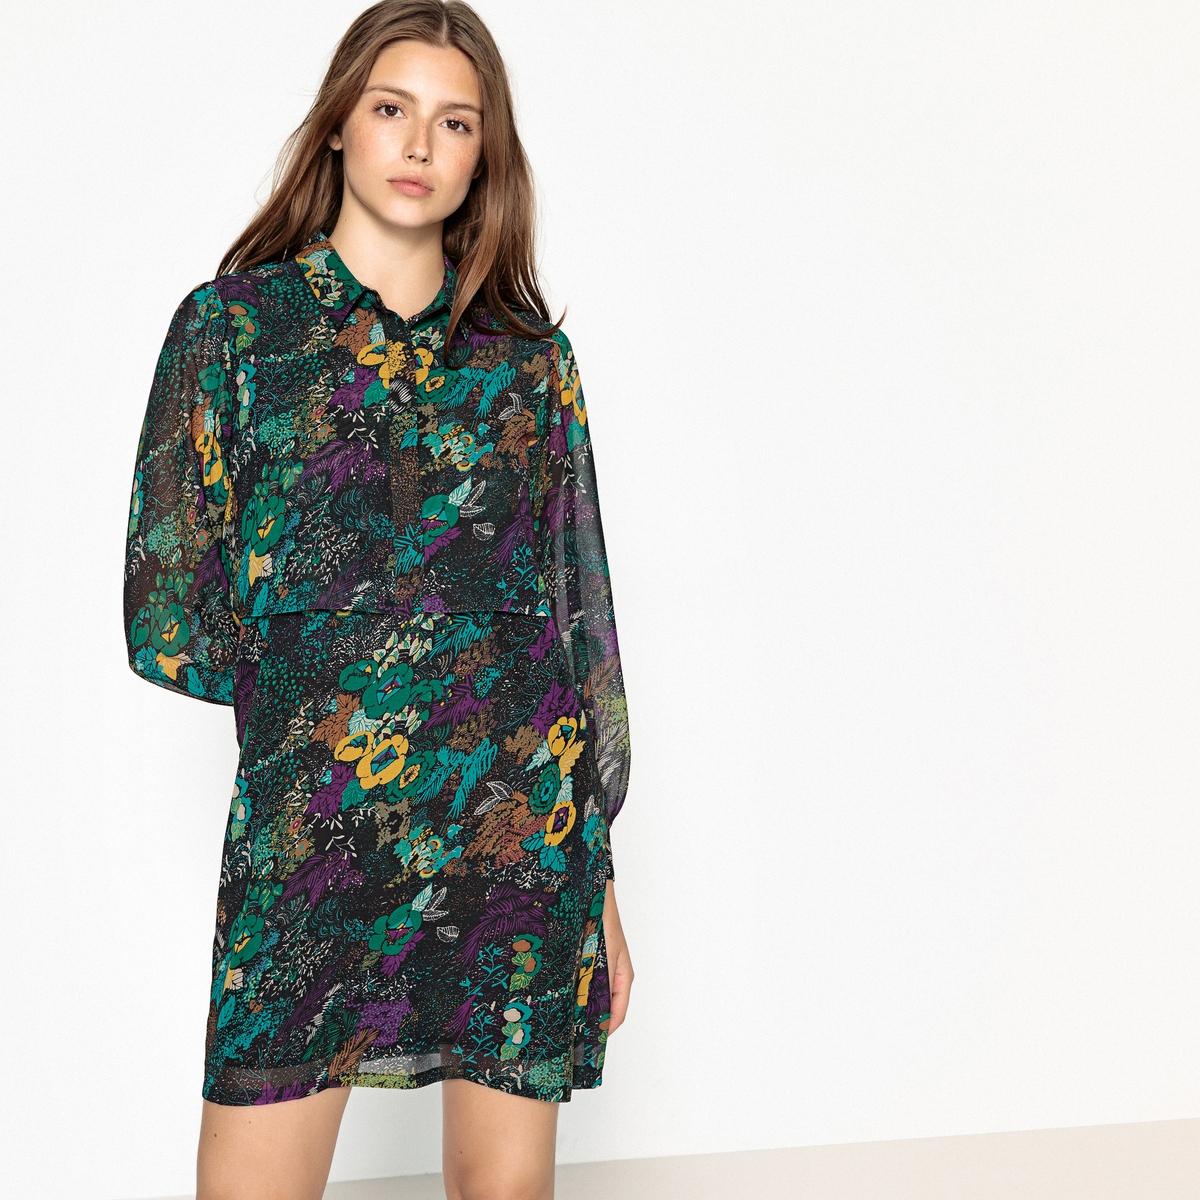 Платье короткое с цветочным рисунком и длинными рукавами платье с запахом длинными рукавами и цветочным рисунком